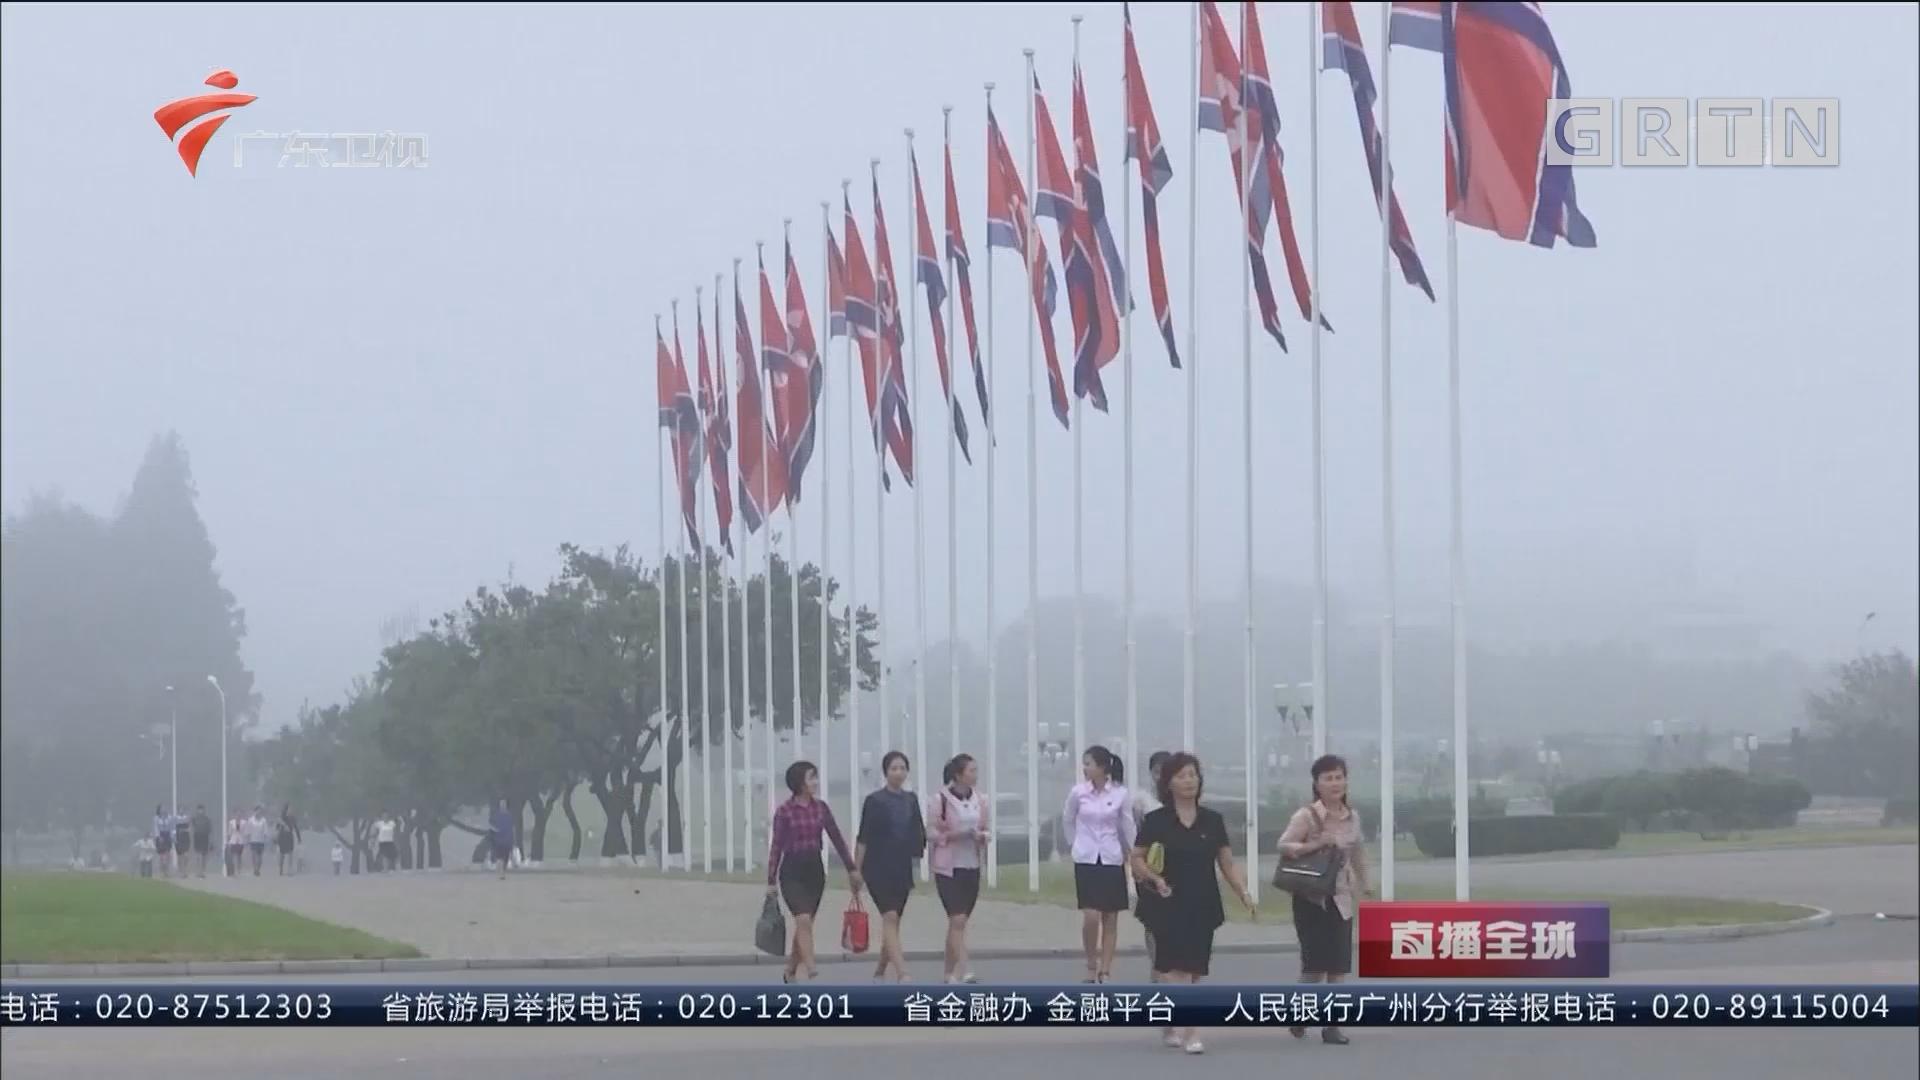 朝鲜谴责美国企图再次加剧半岛紧张局势 华盛顿:平壤举动是制裁打压的成果